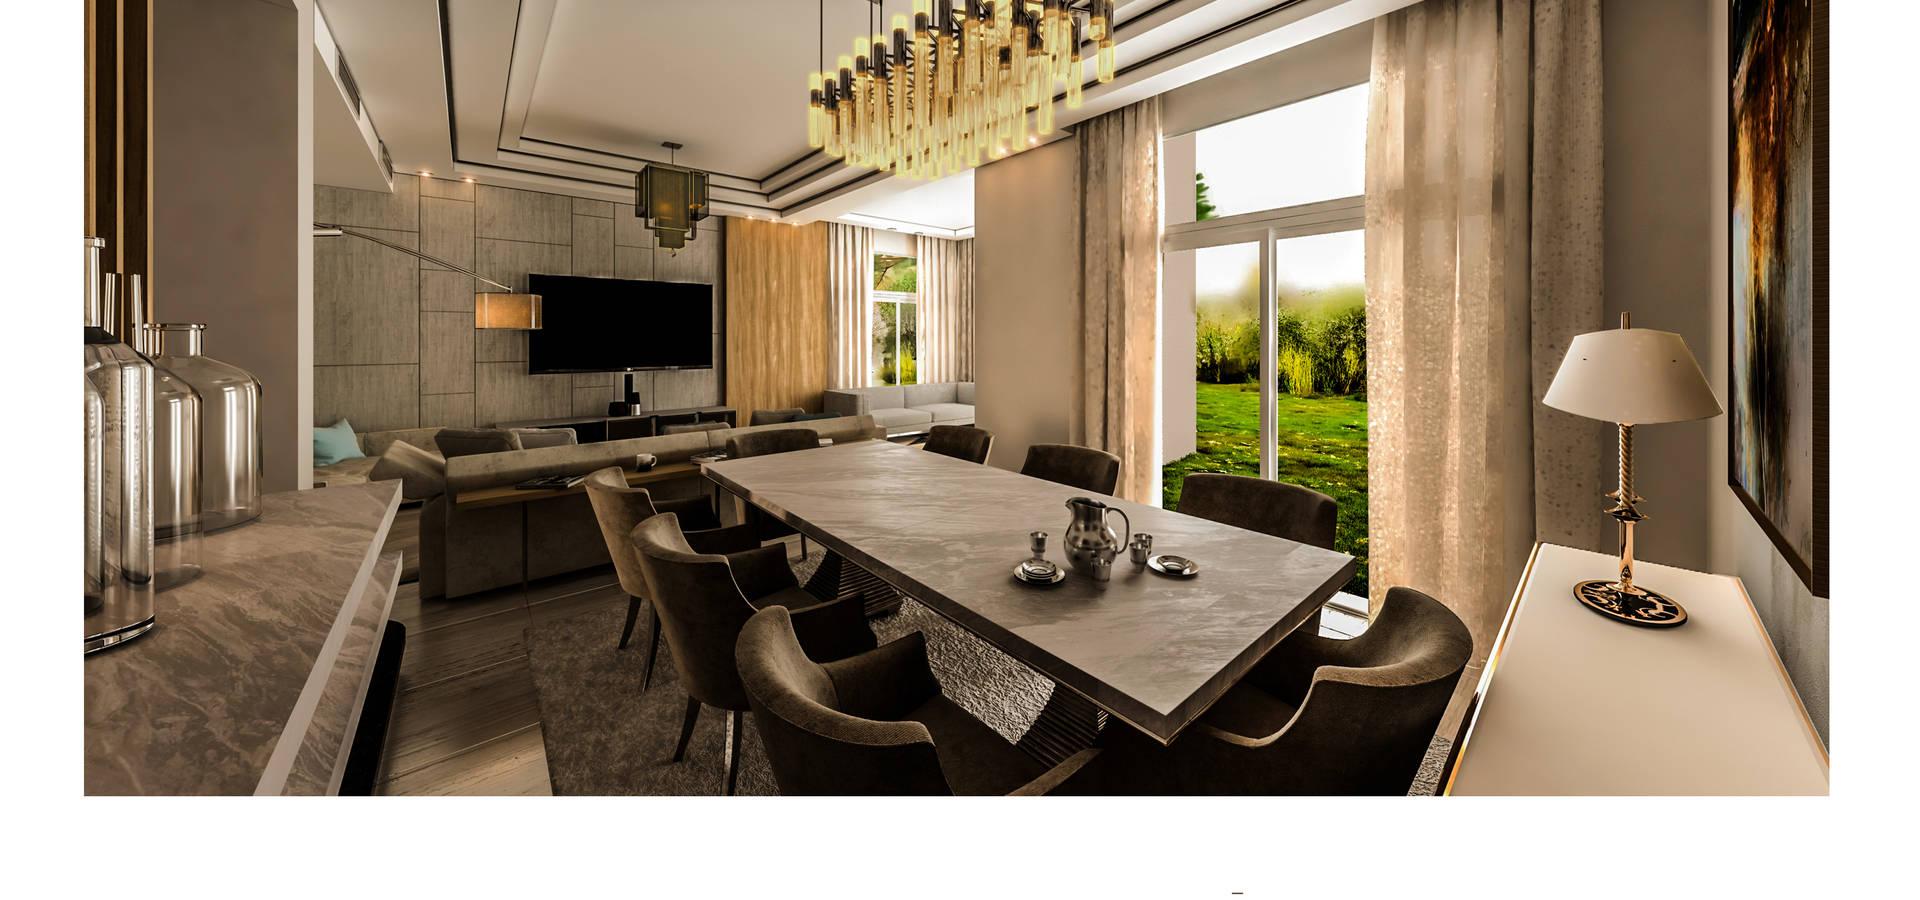 Reham Ezzeldin Design Studio